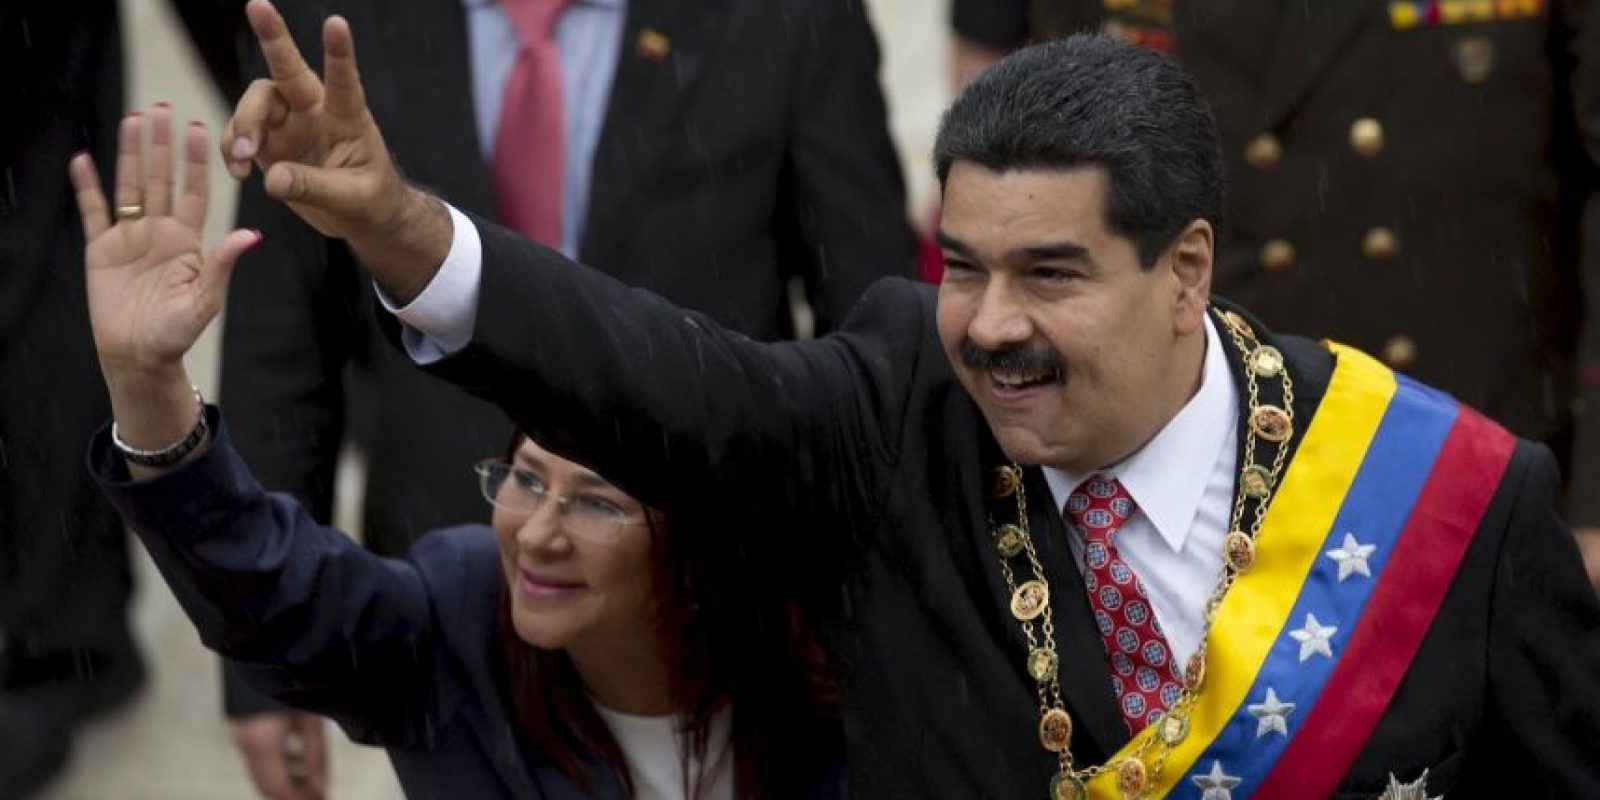 Opositores del gobierno venezolano pidieron observadores internacionales para las elecciones del 6 de diciembre. Foto:AP